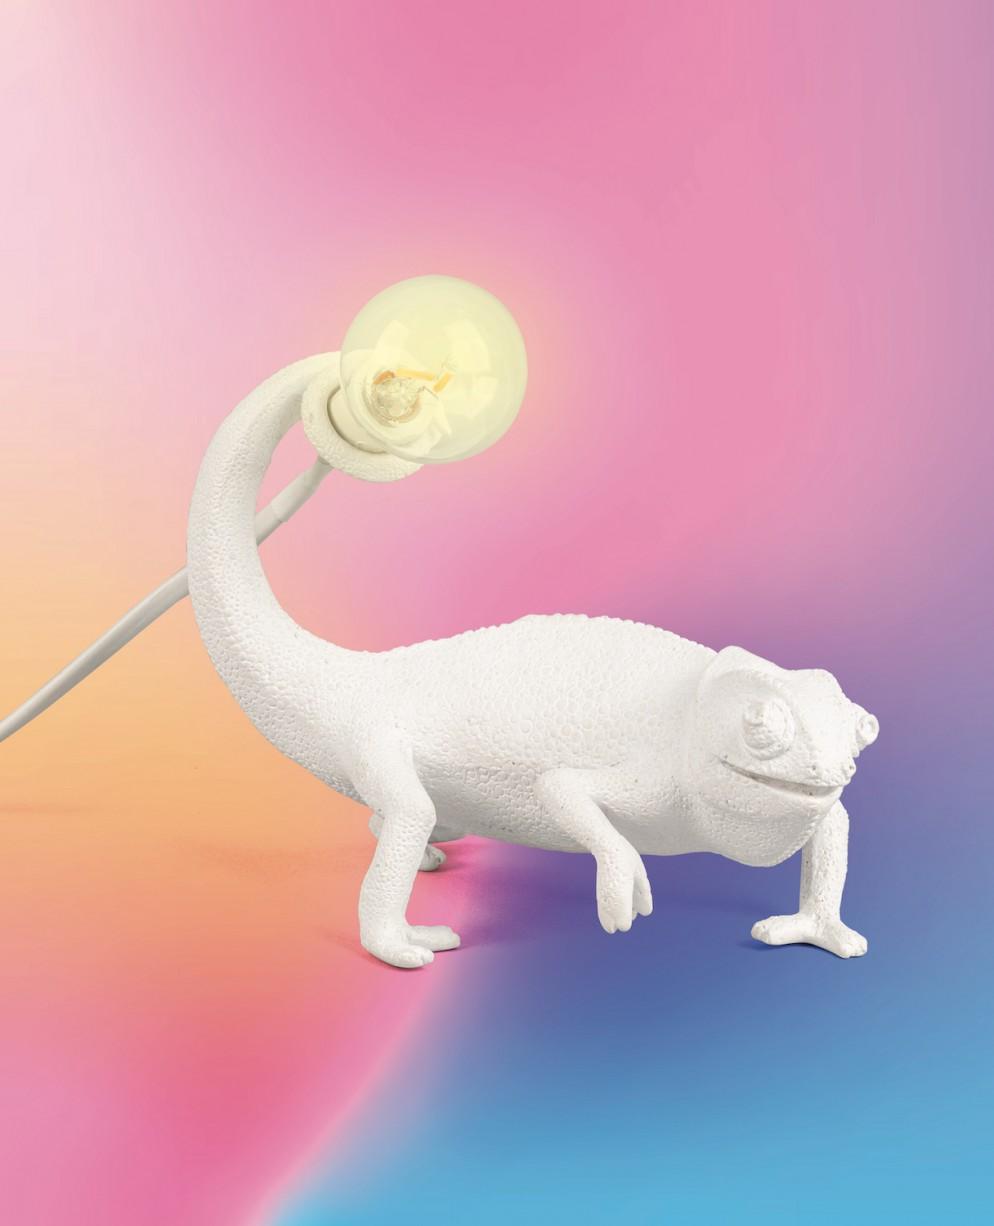 SELETTI_Chameleon Lamp_02